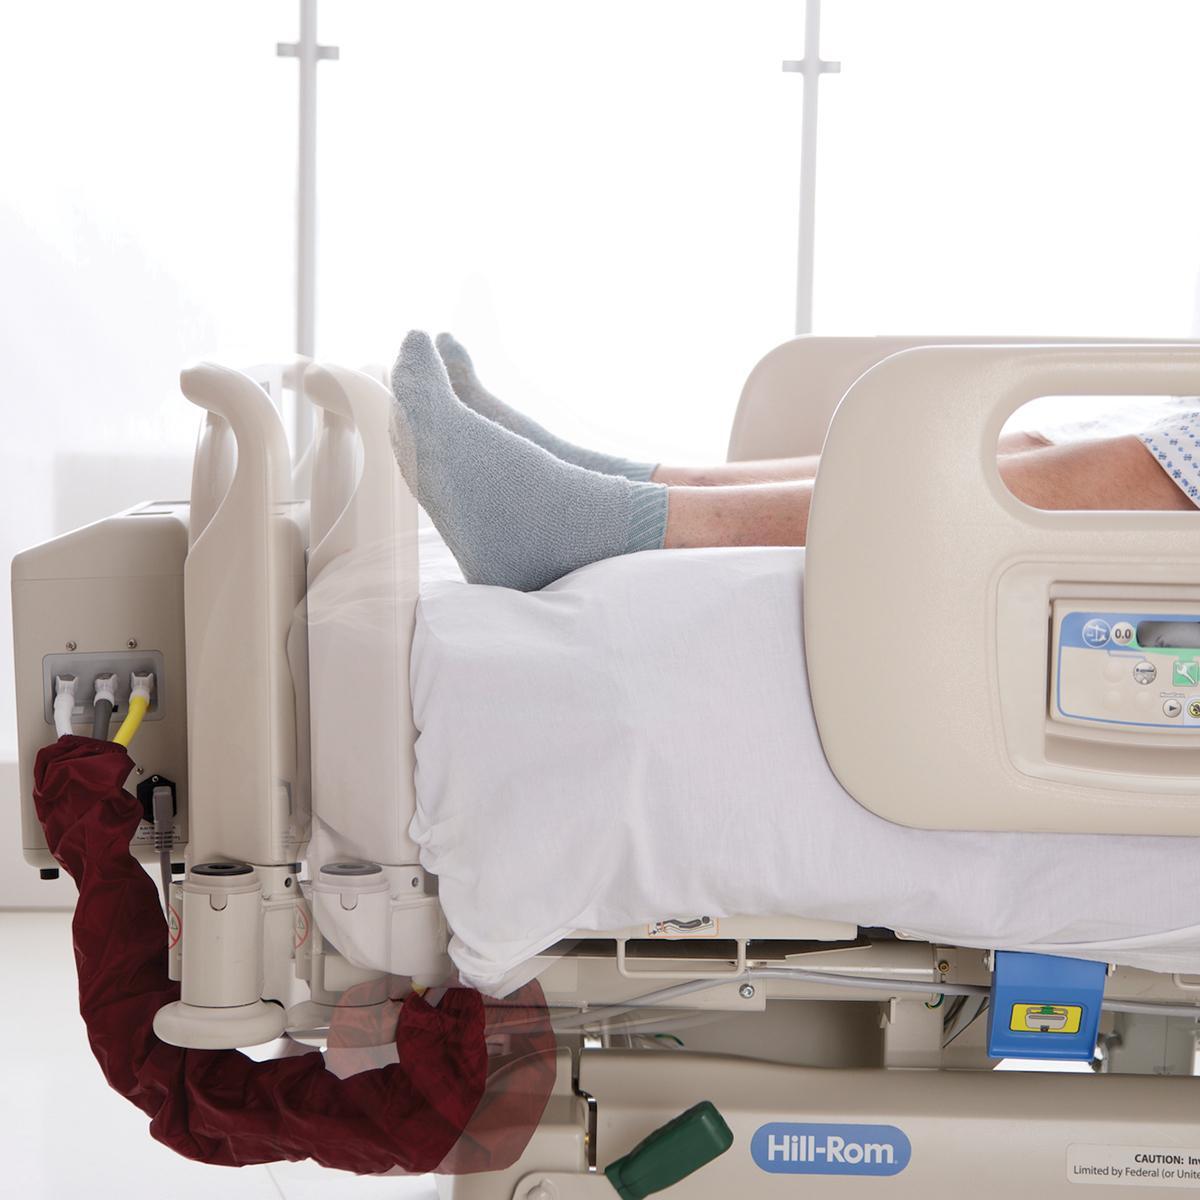 La fonction FlexAfoot du lit bariatrique Compella permet de déplacer rapidement le pied du lit vers l'extérieur pour s'adapter confortablement aux patients de grande taille.